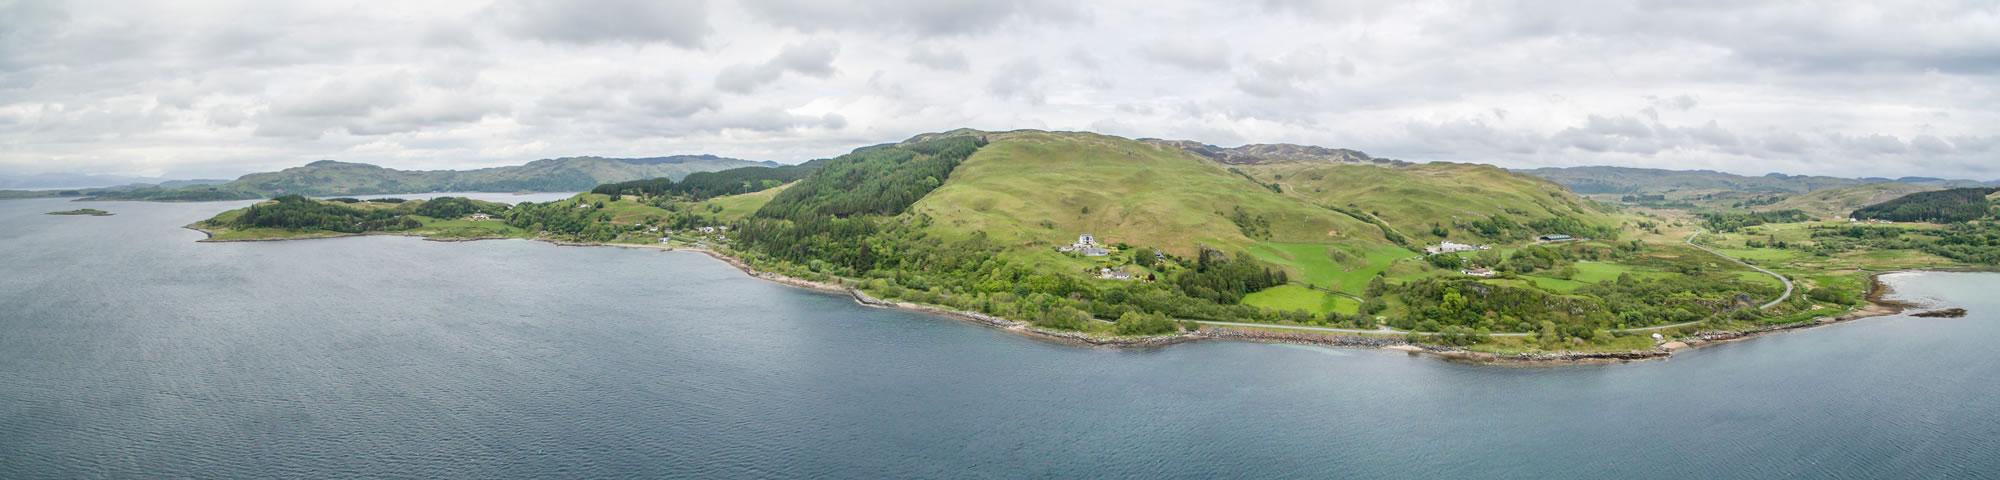 Region Loch Melfort